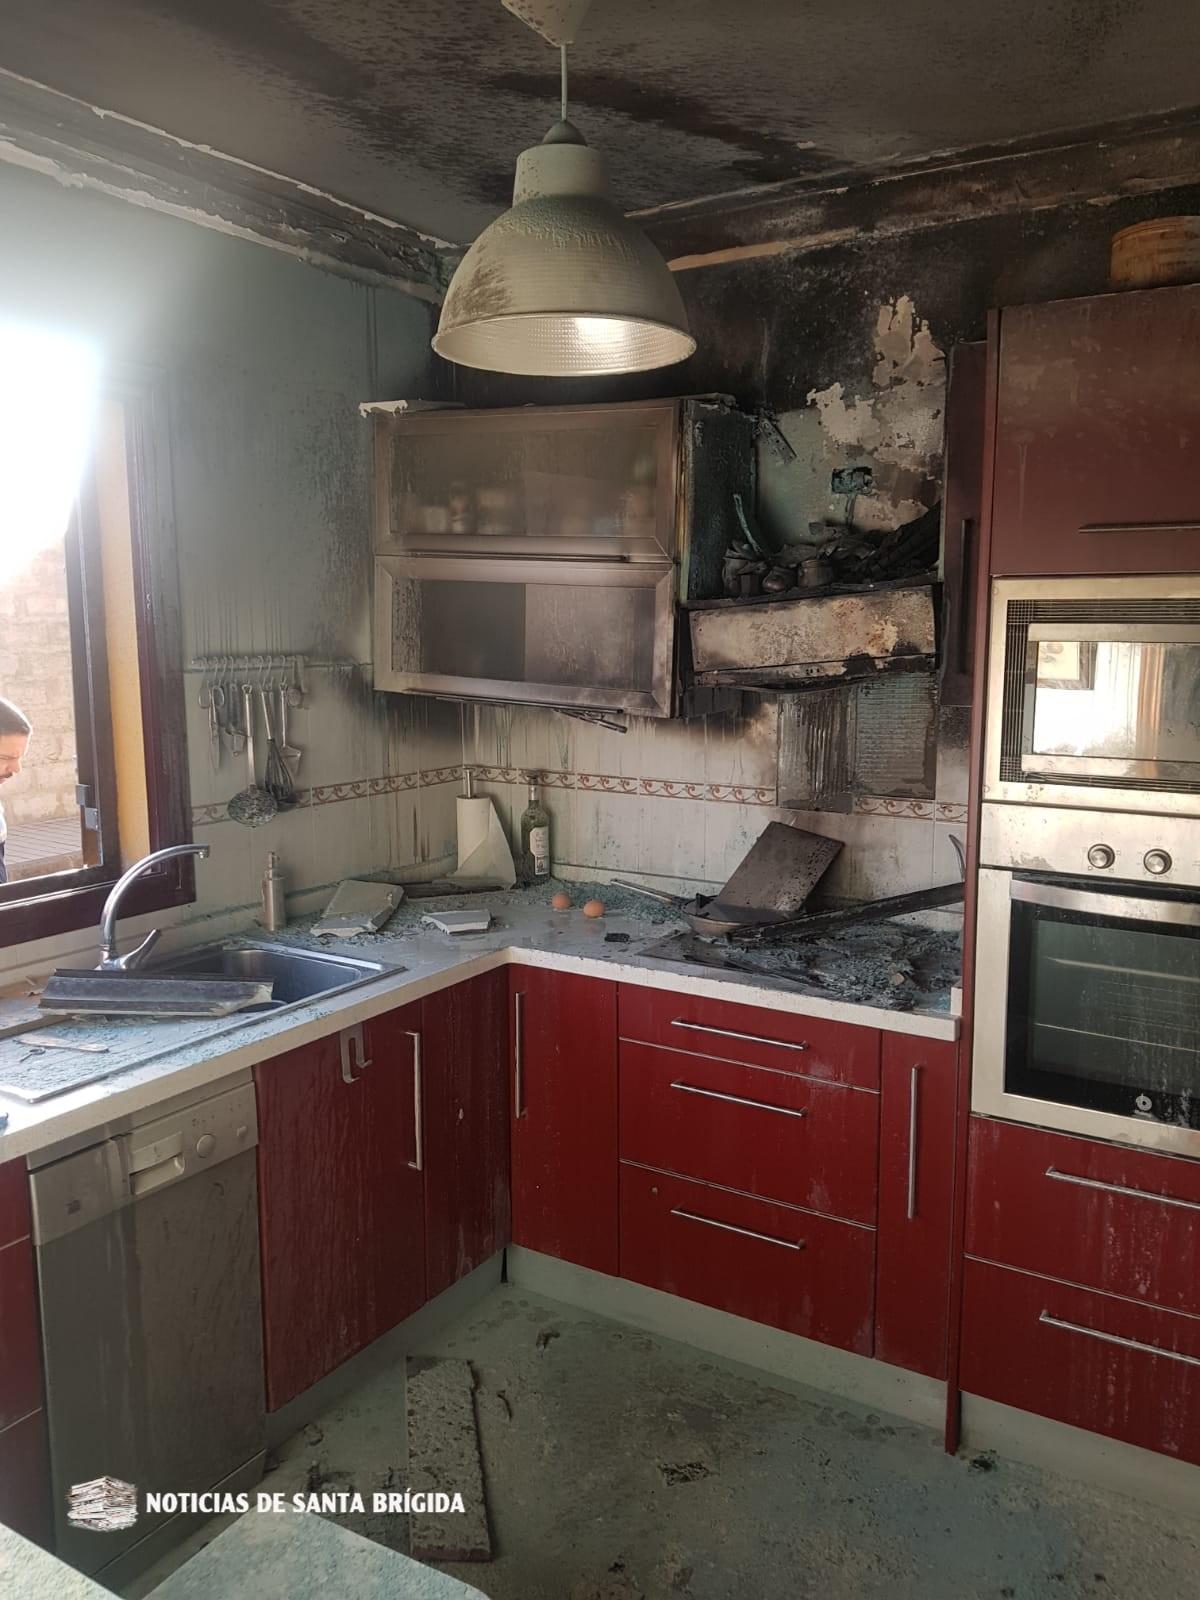 Incendio en una vivienda en Santa Brígida